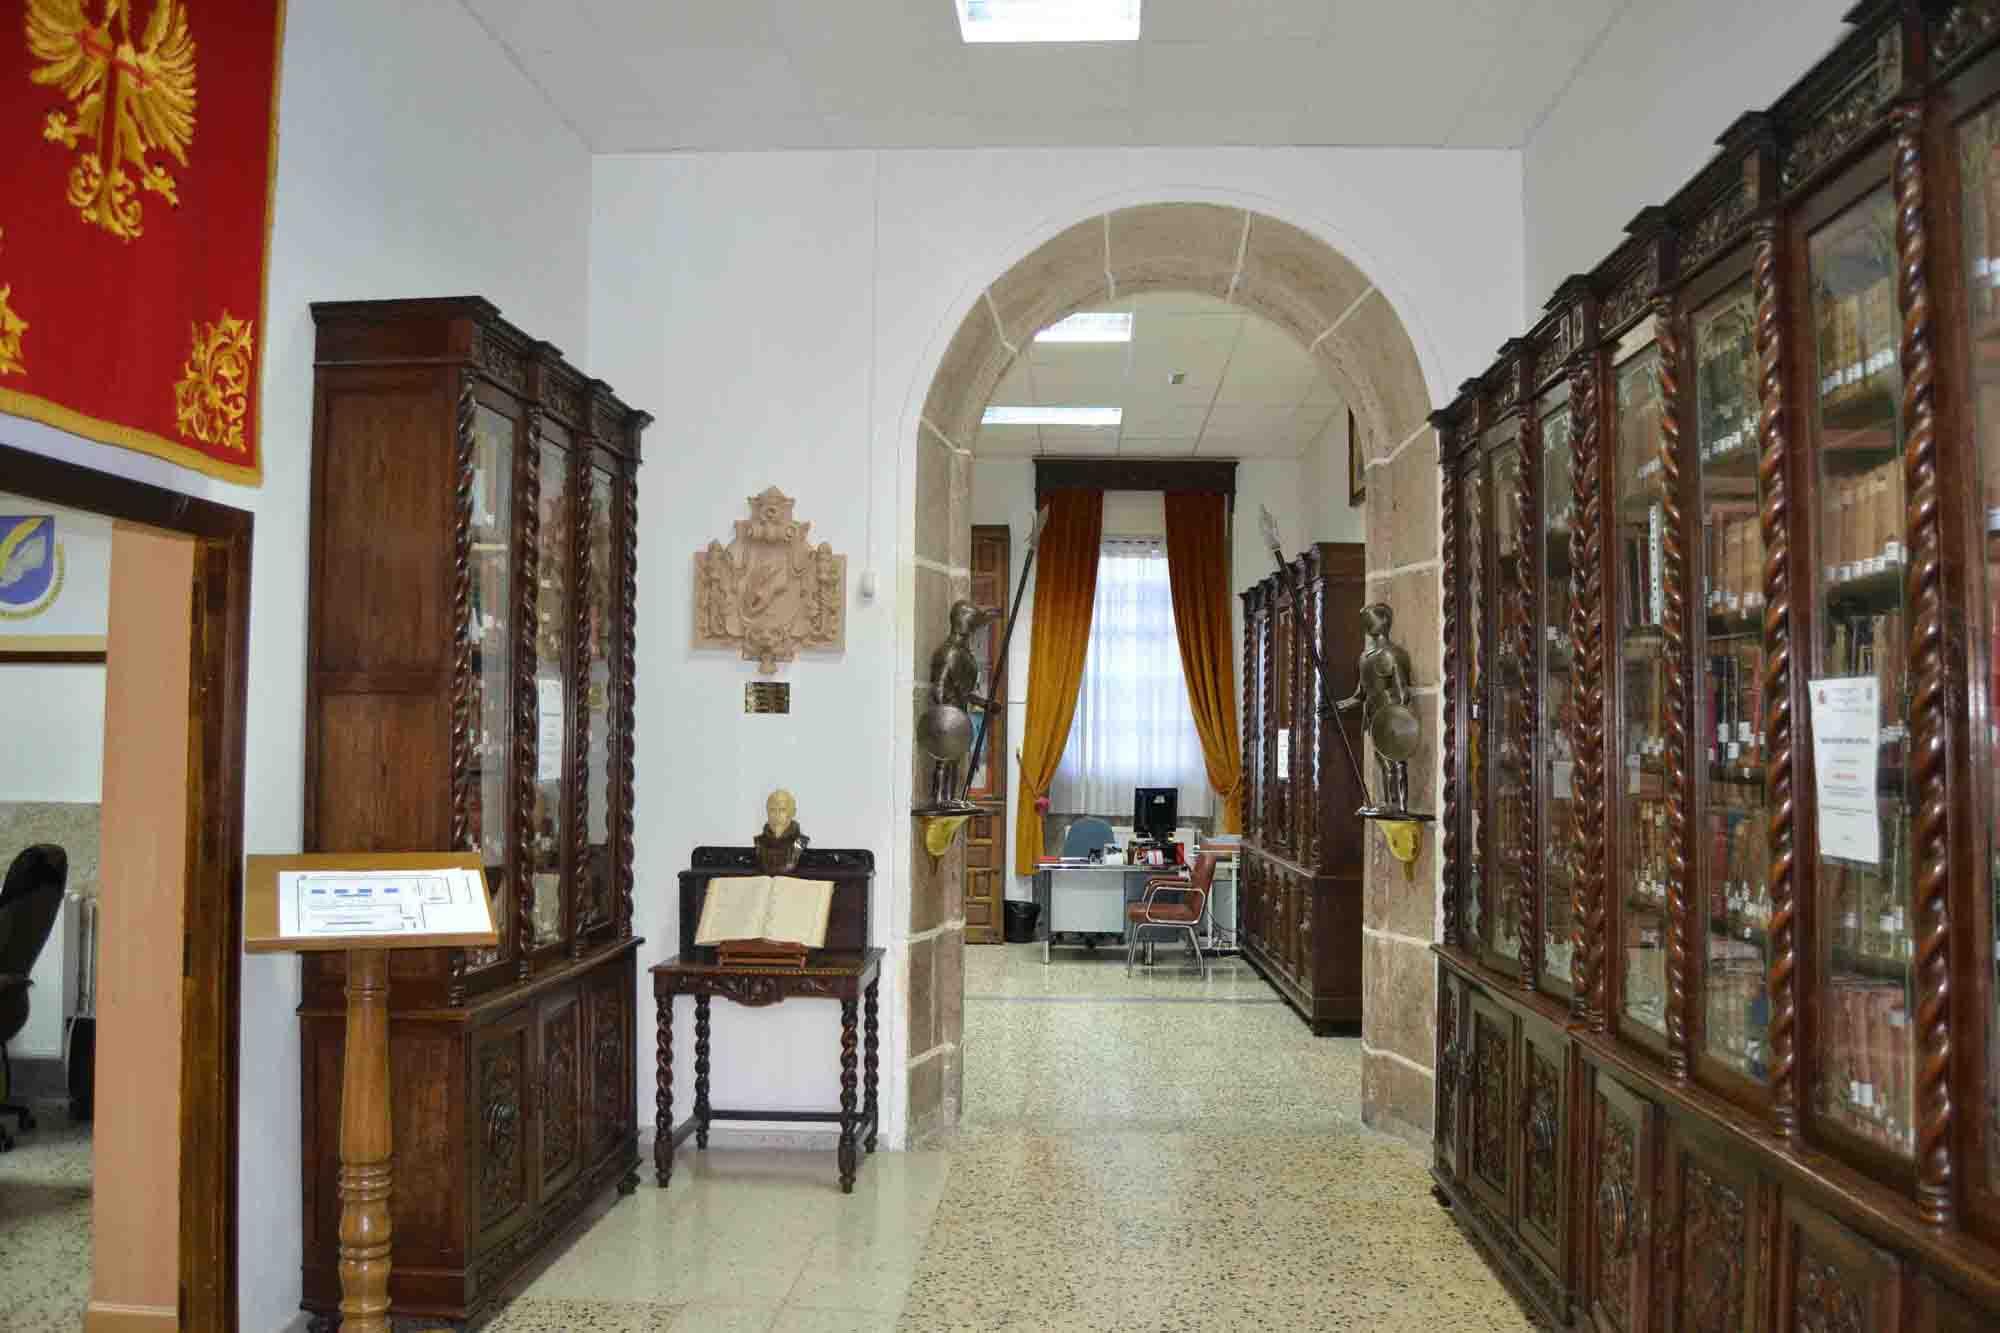 Biblioteca - Hall